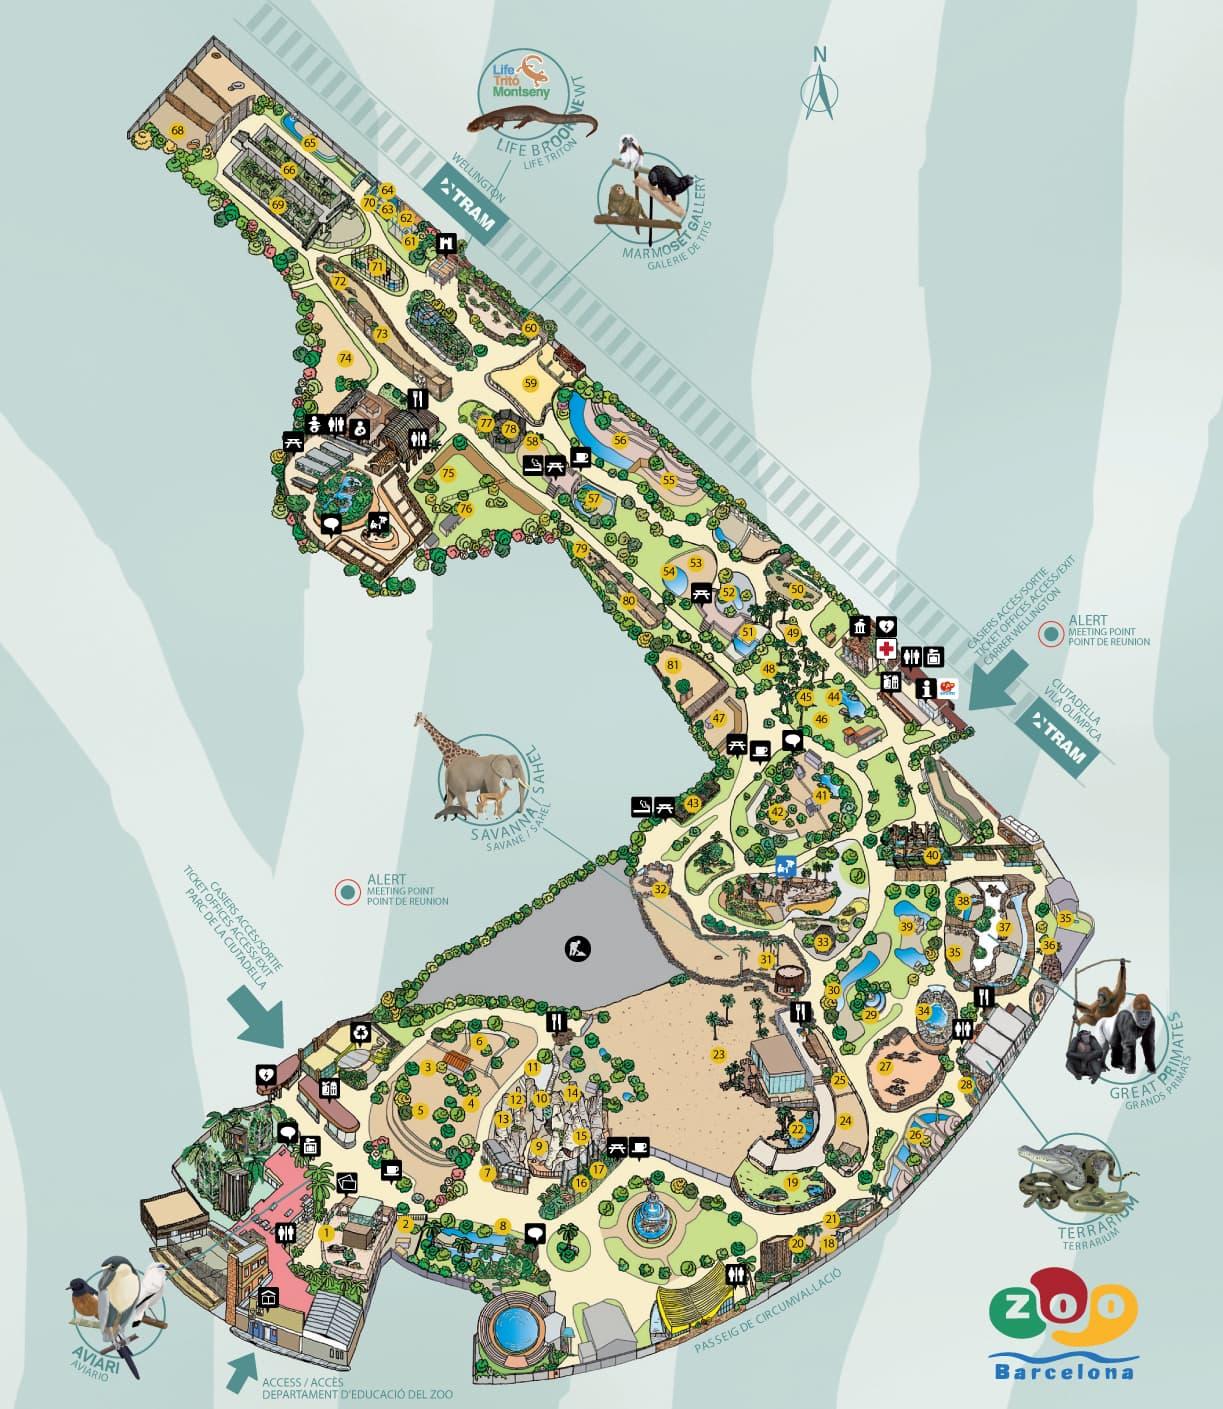 Zoo barcelona map - 2019